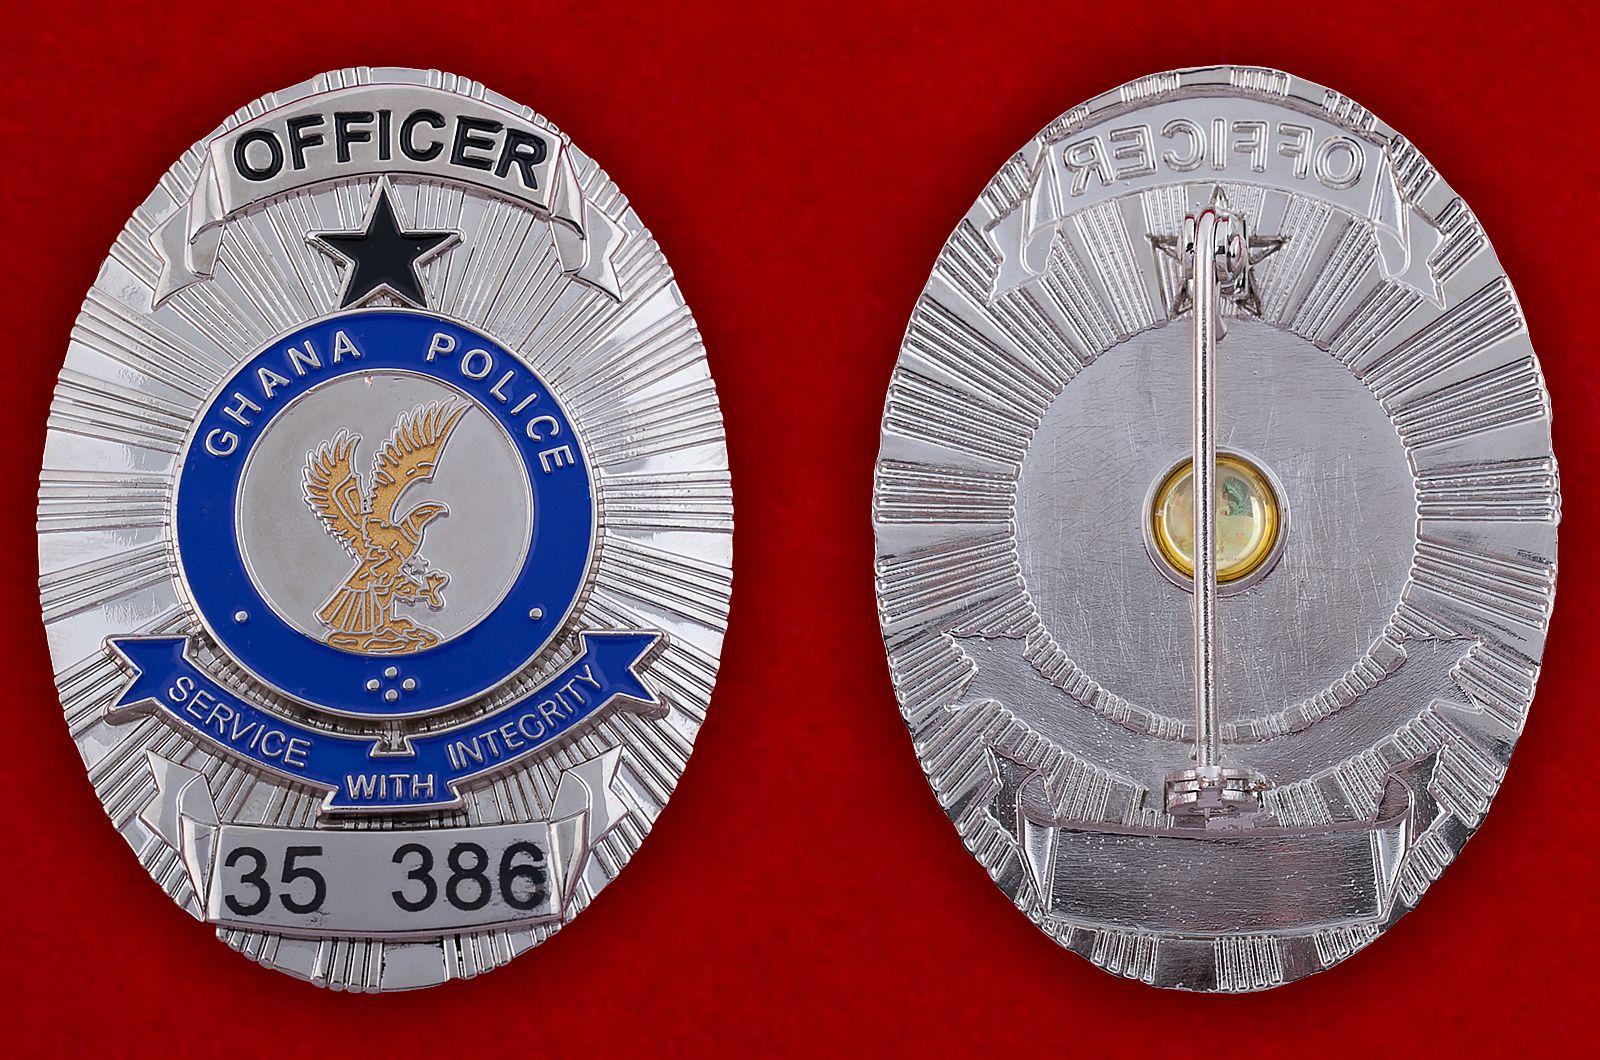 """Знак """"Офицер полиции Ганы"""" (35 386)"""